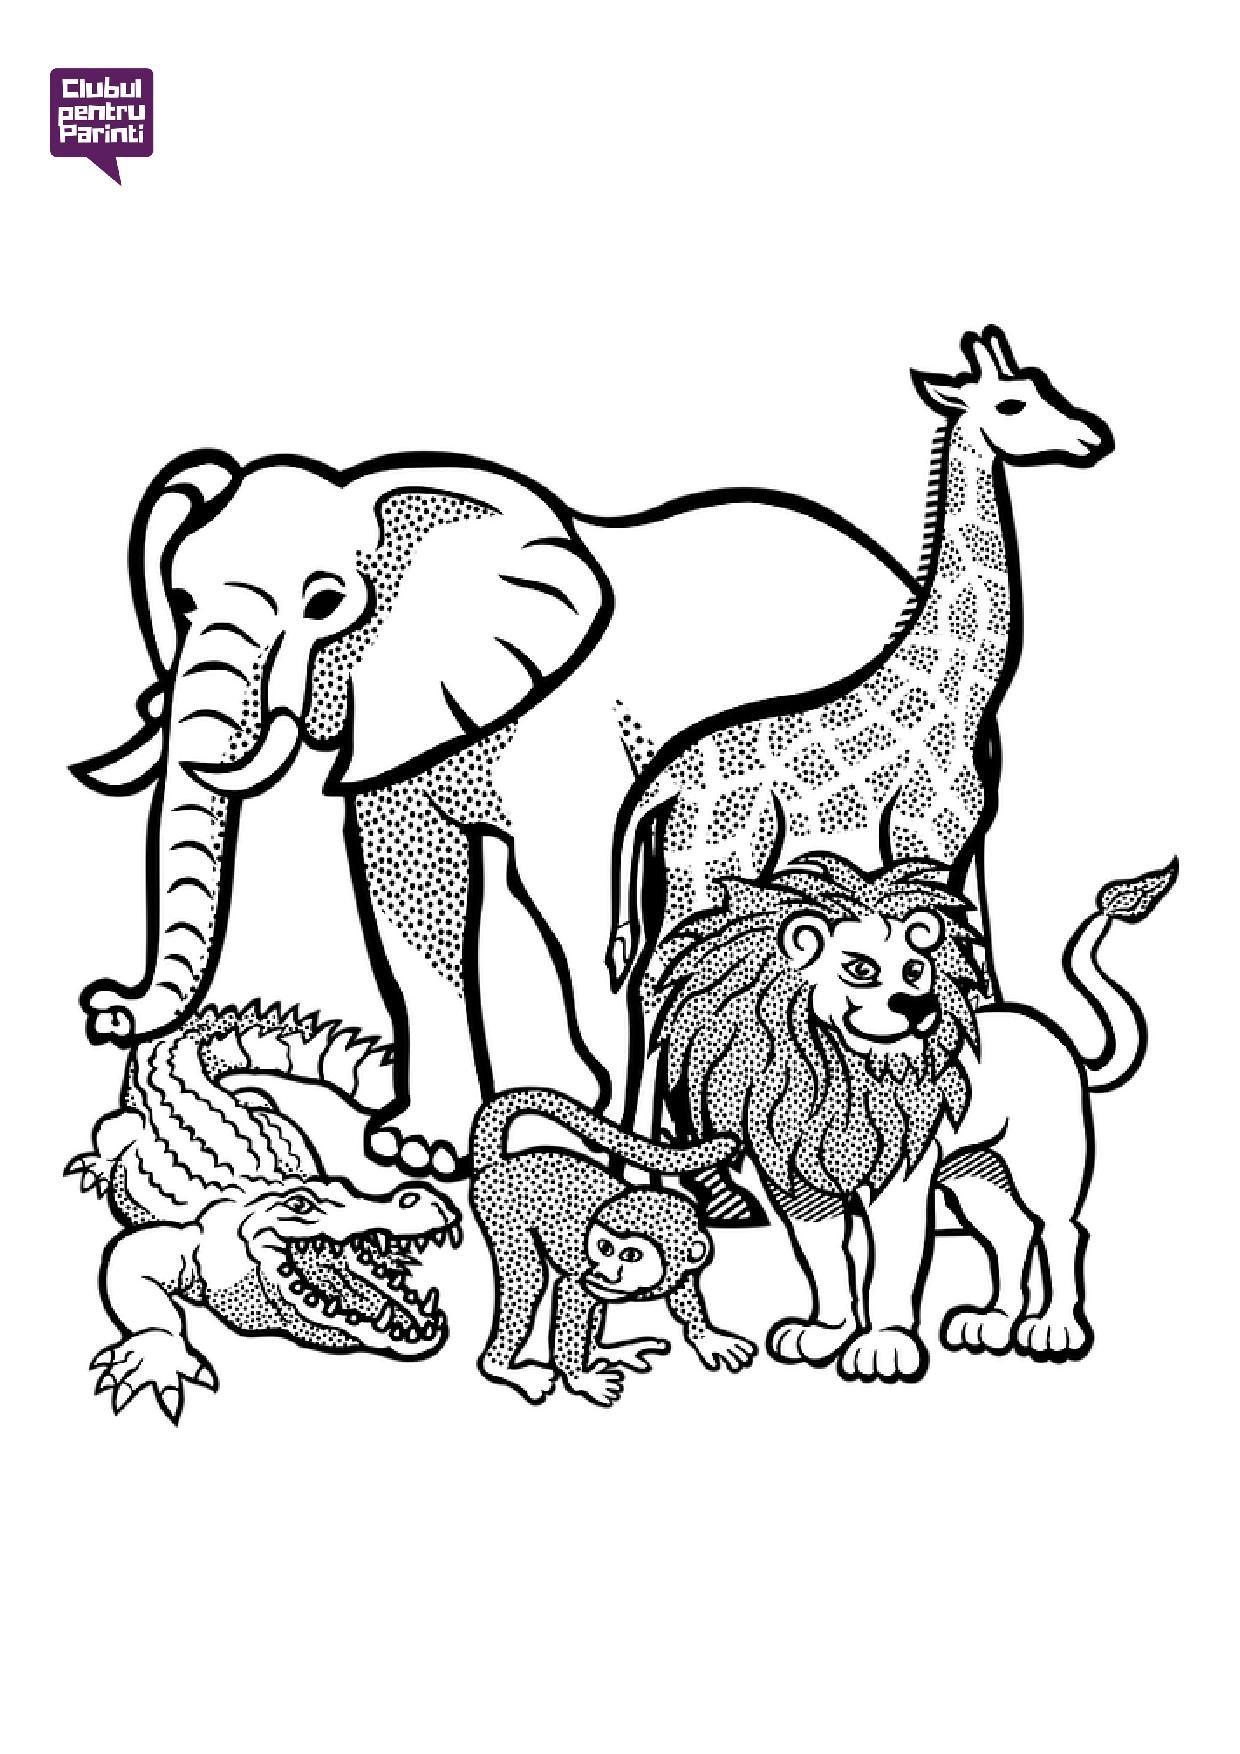 animale din jungla